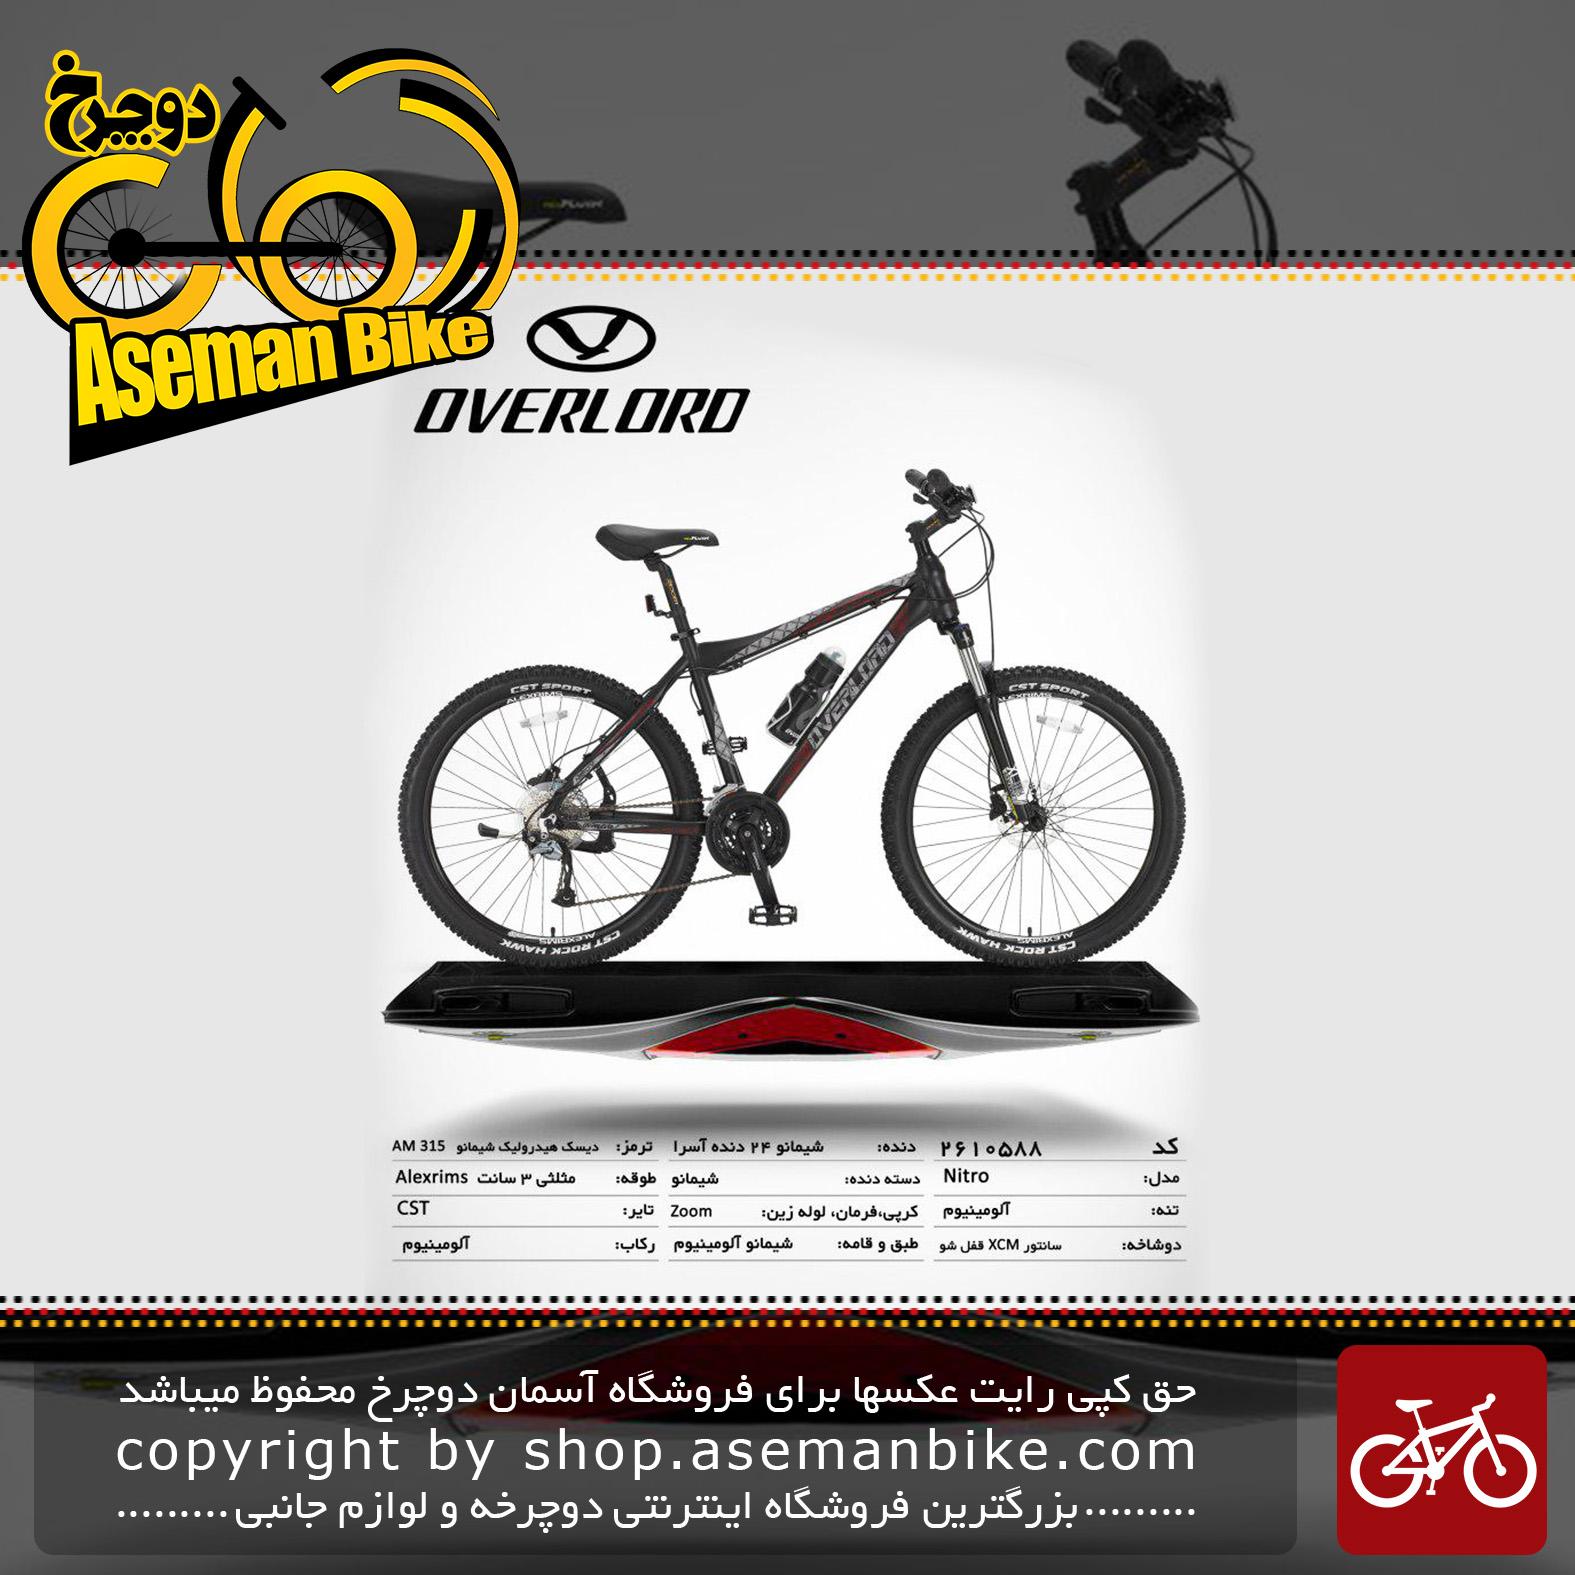 دوچرخه کوهستان شهری اورلرد مدل نیترو 24 دنده شیمانو آسرا سایز 26 ساخت تایوان OVERLORD Mountain City Taiwan Bicycle NITRO 27.5 2019